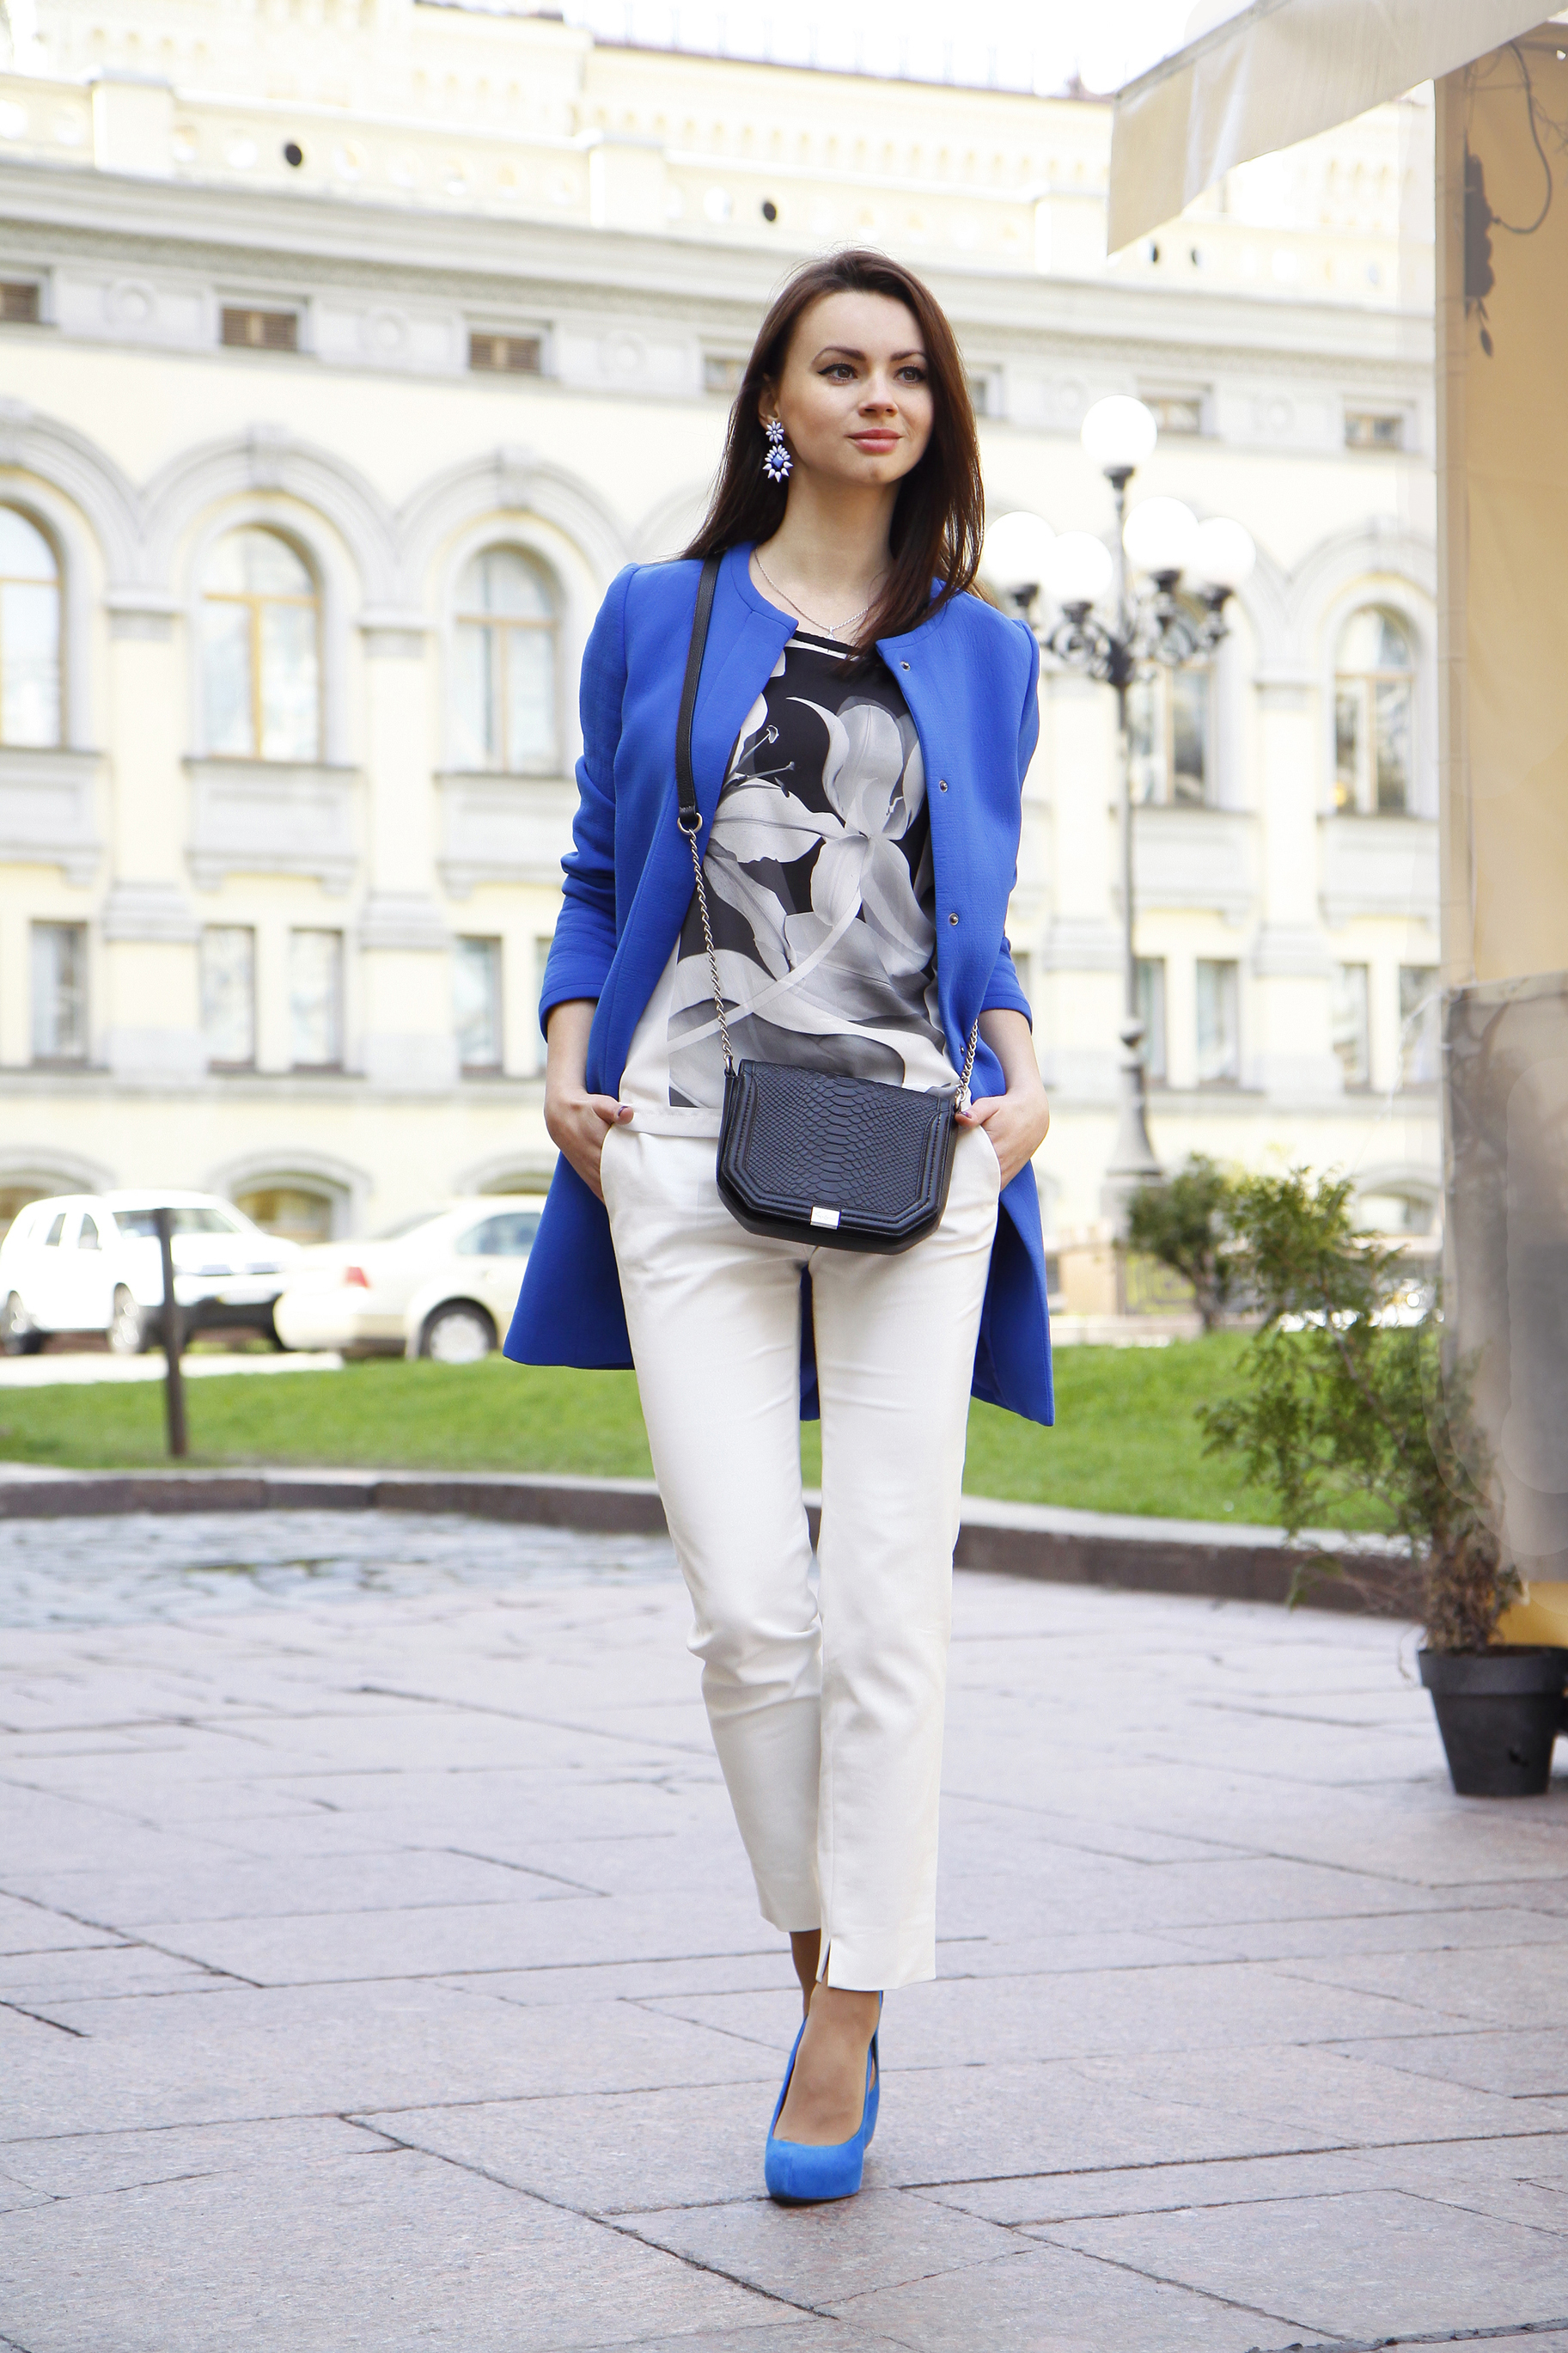 Azul5 Unos De Tacón Abrigo Azules Con Zapatos Combinar Un Cómo ygIf6vYb7